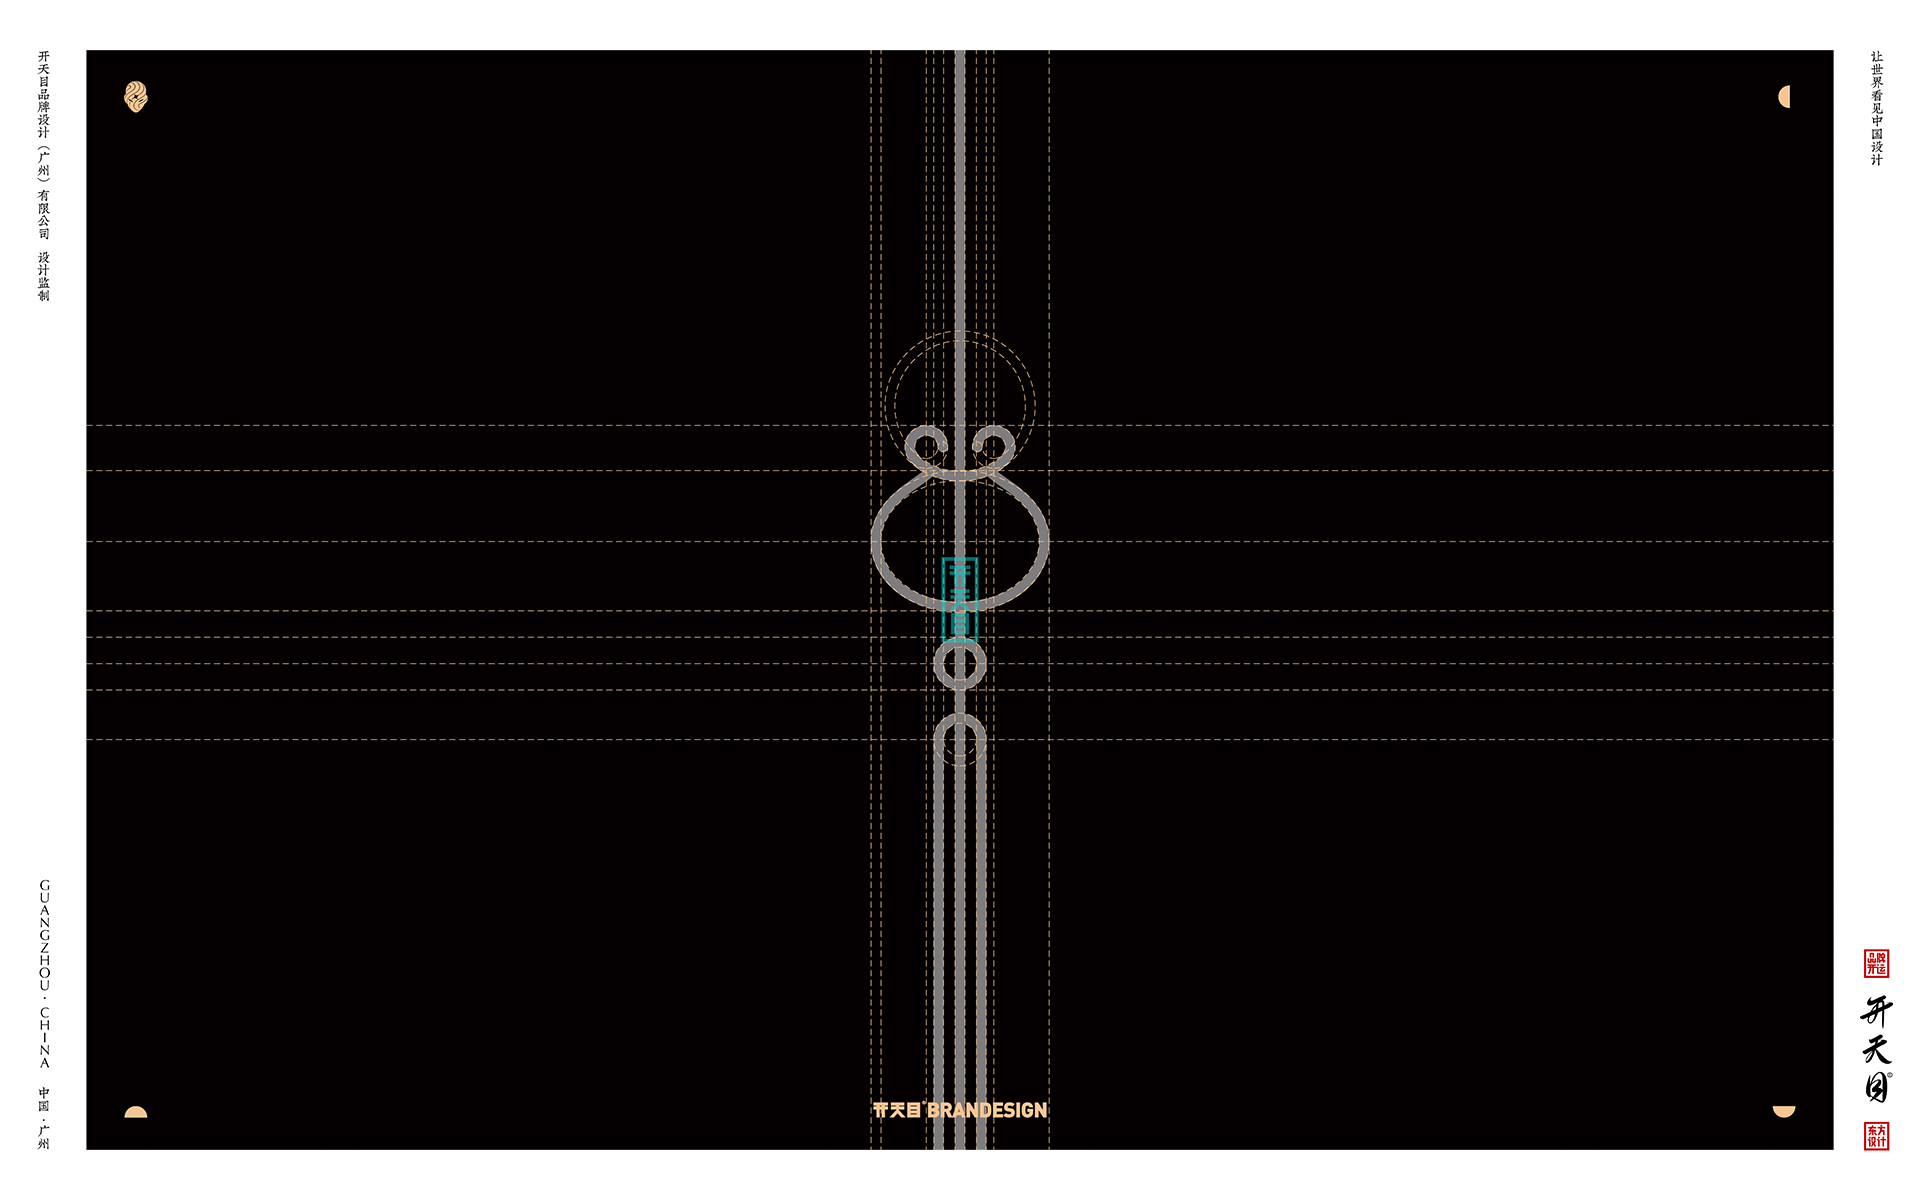 中国风饰品香囊国潮品牌策划设计logo包装vi